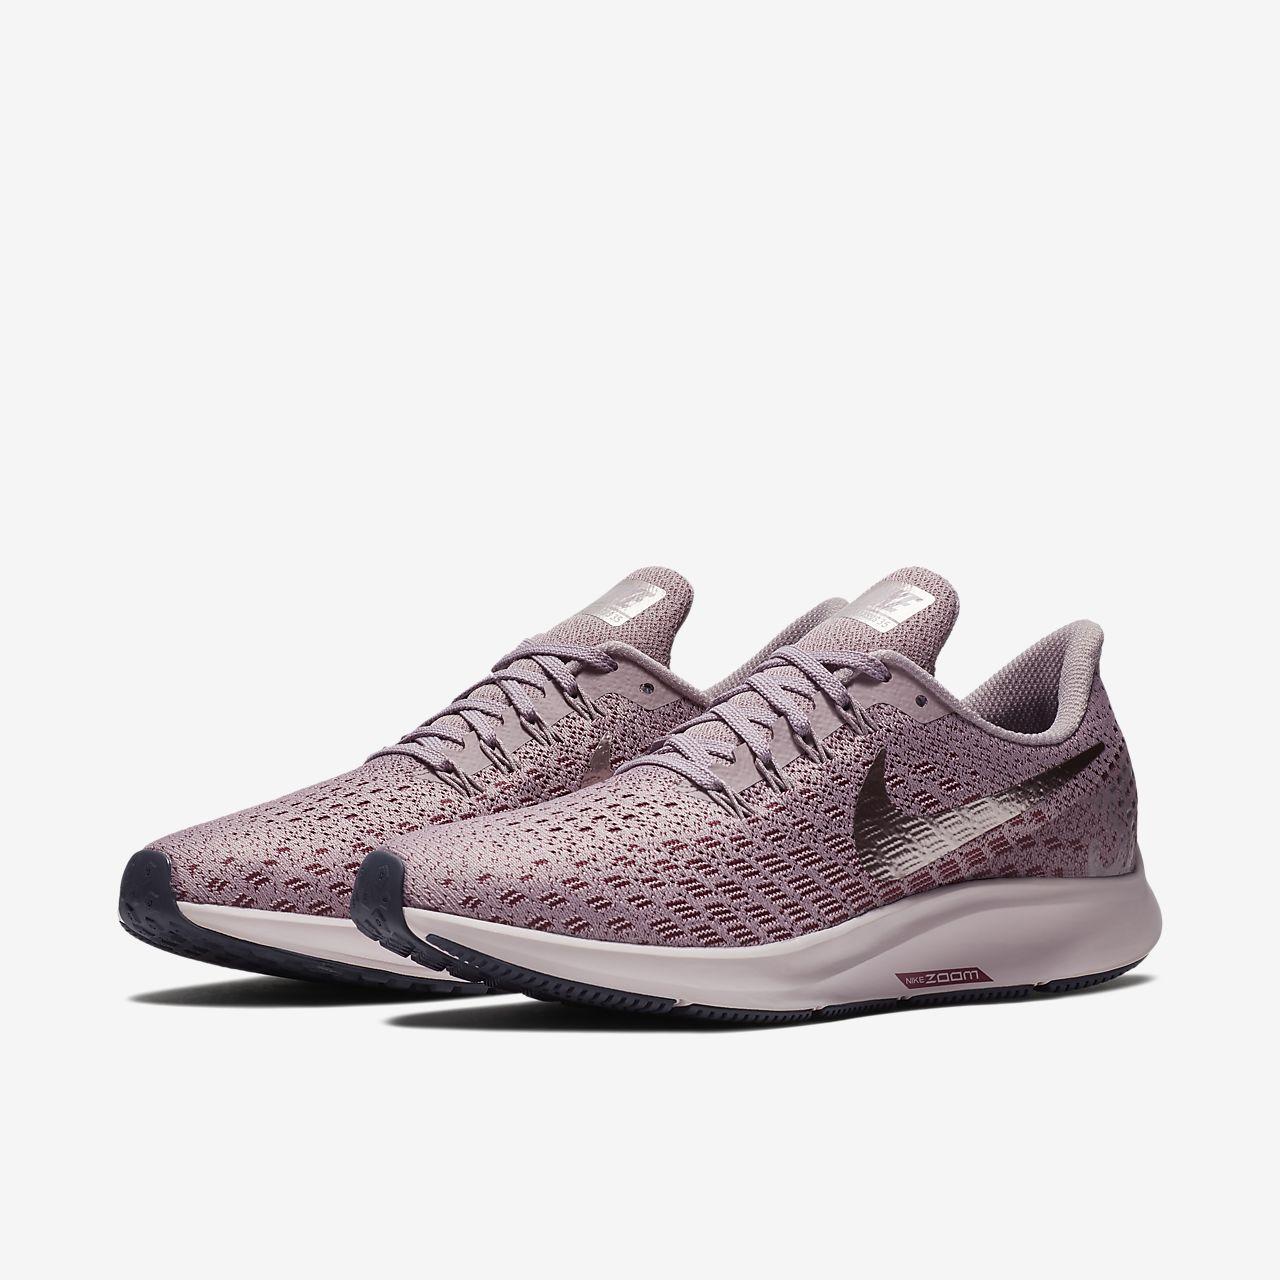 c6e1de21f31 Nike Air Zoom Pegasus 35 Women s Running Shoe. Nike.com CA